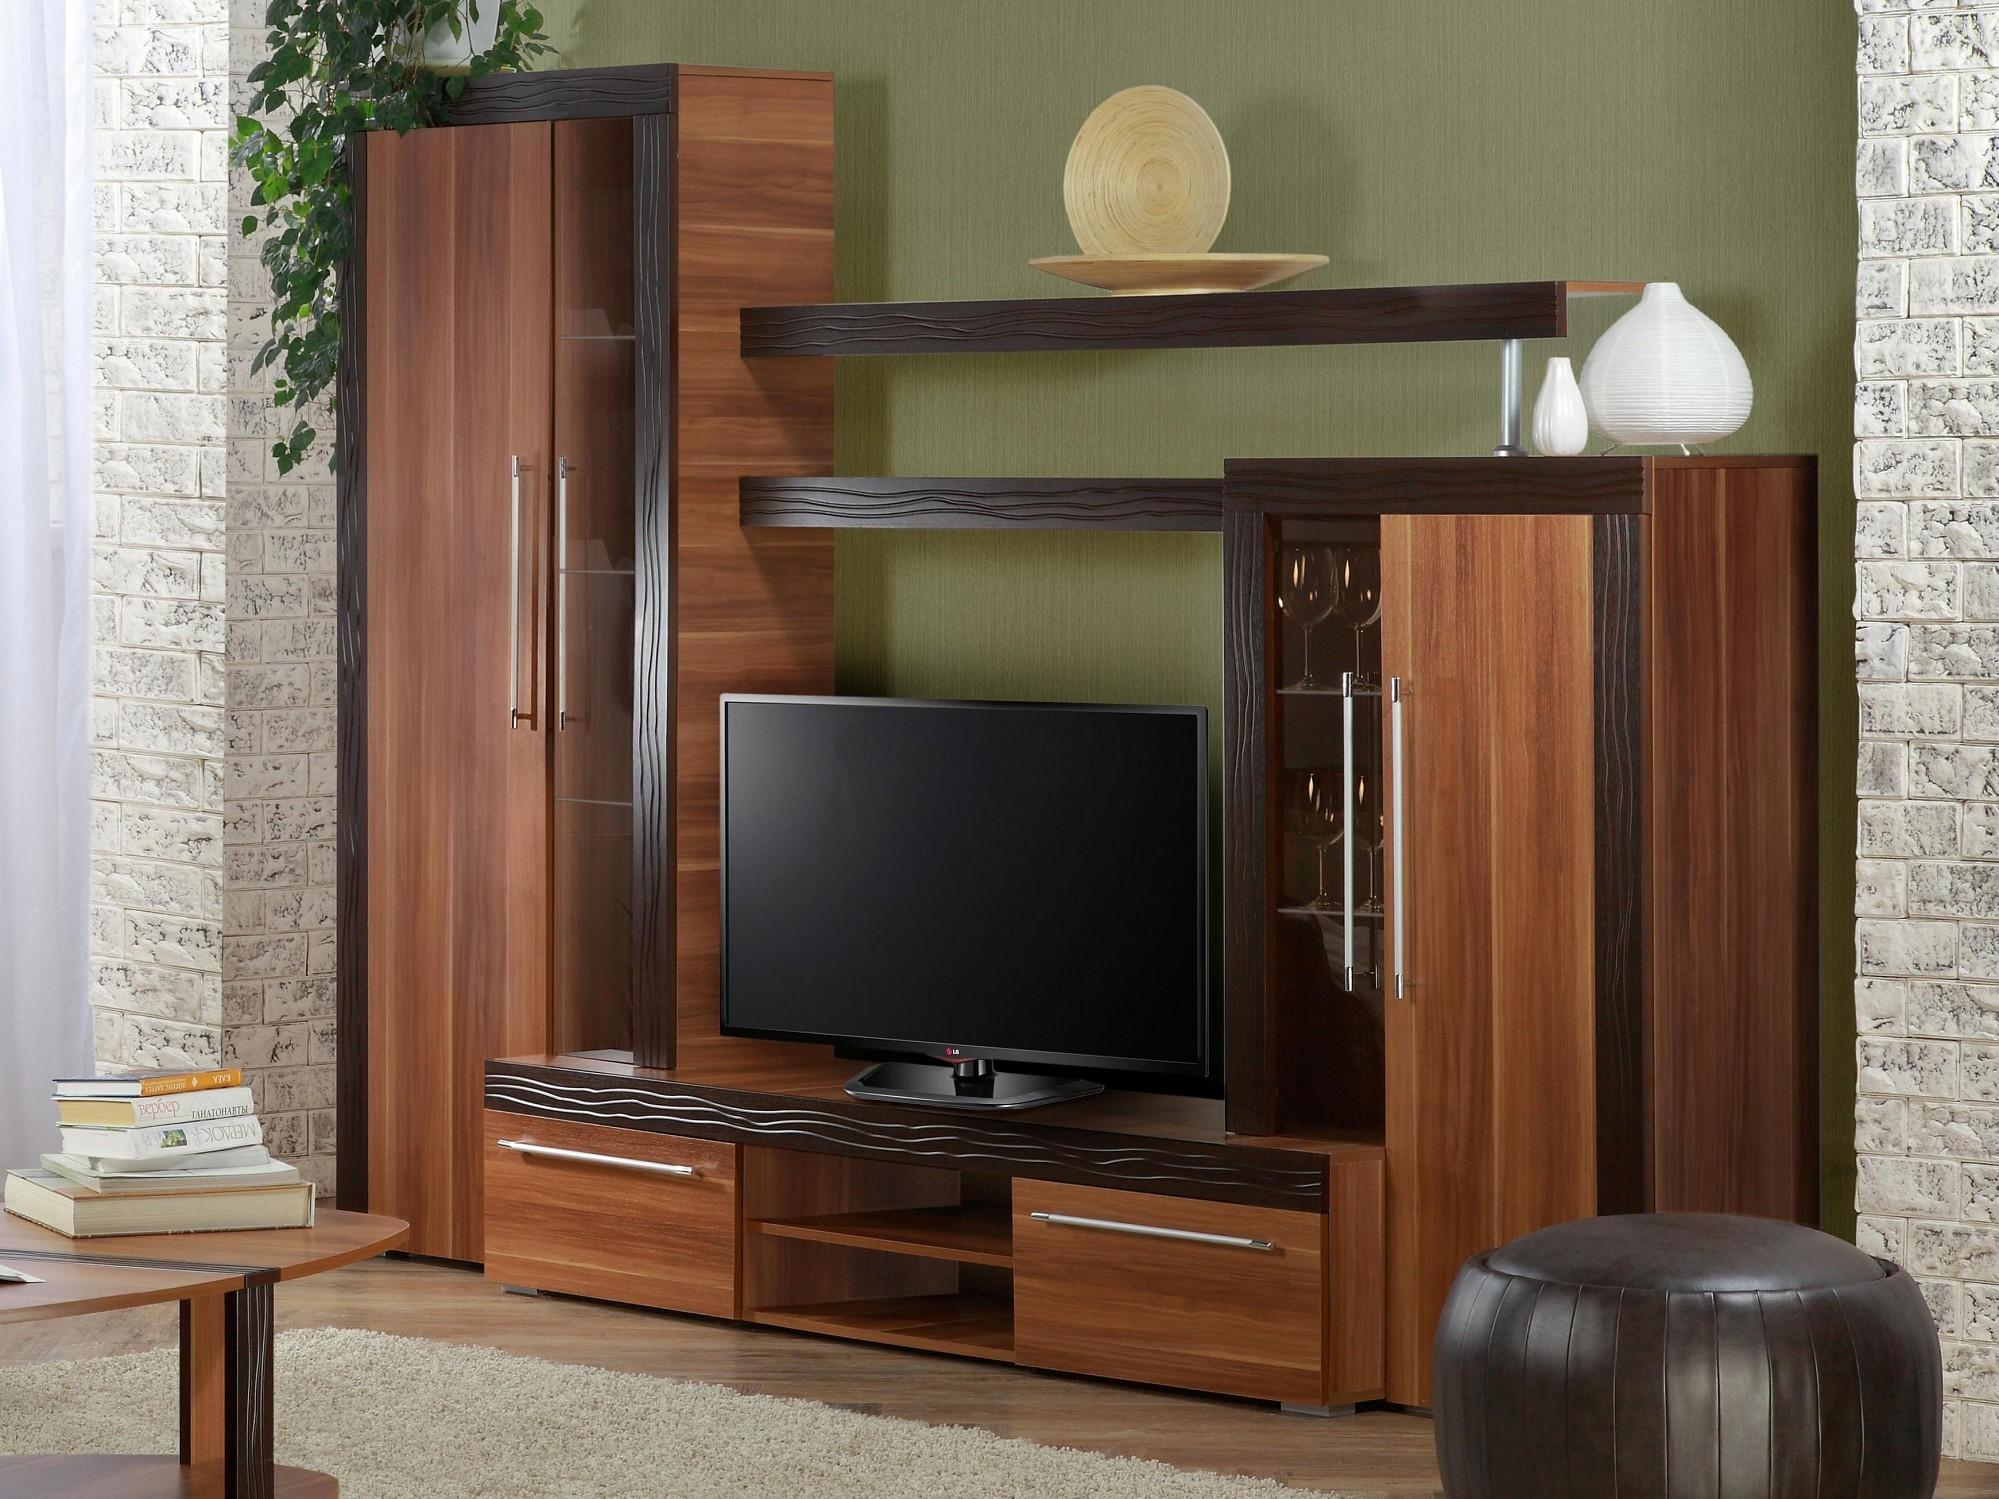 коричневый шкаф заместо стенки